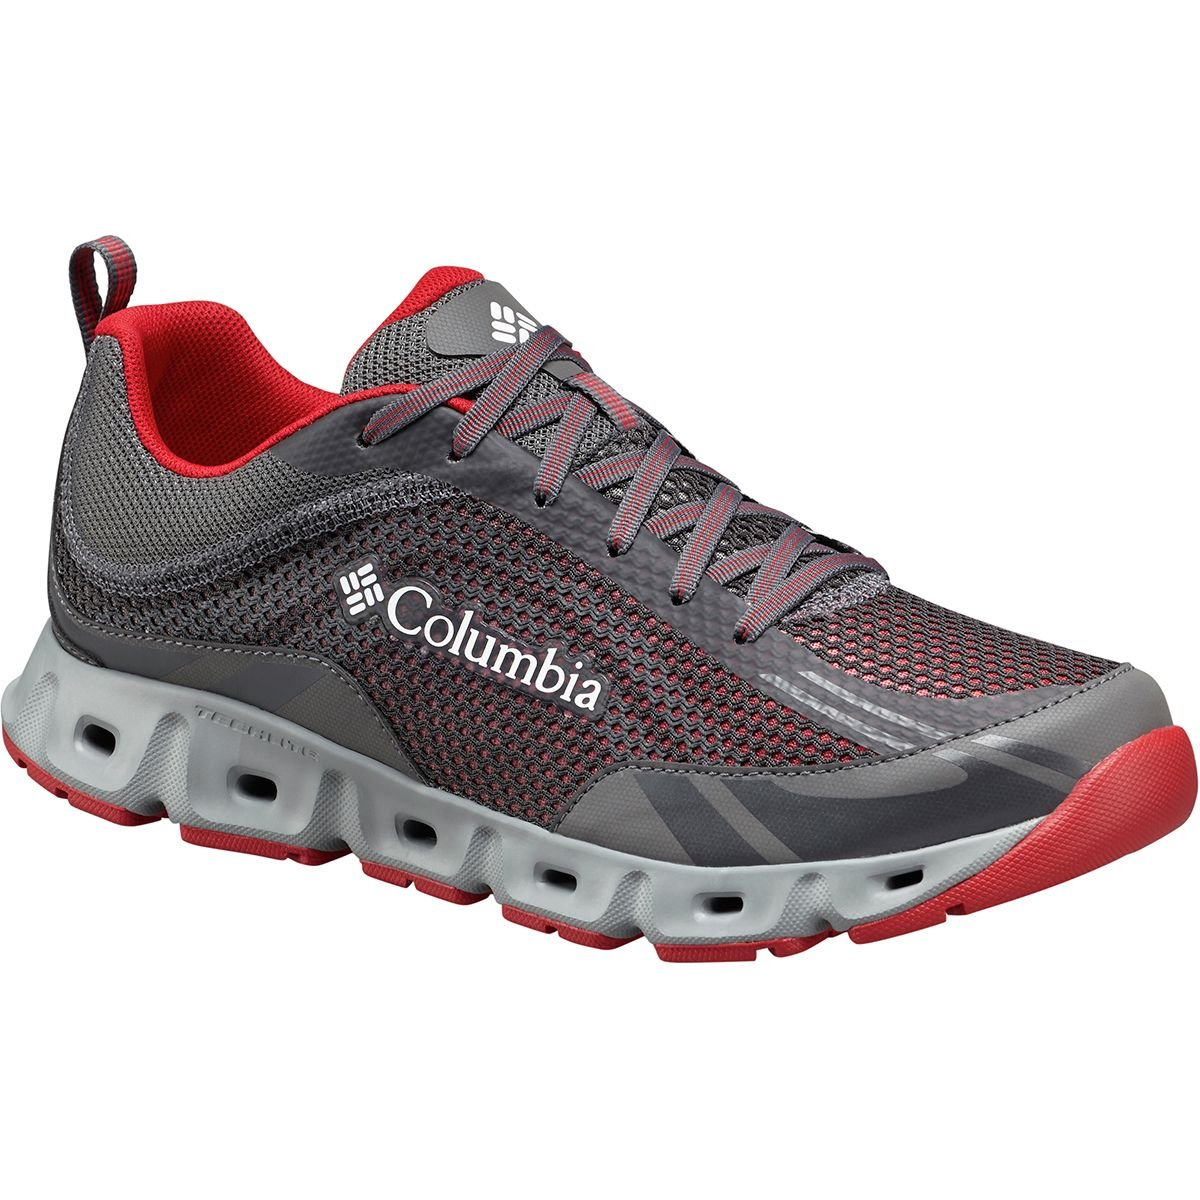 (コロンビア) Columbia Drainmaker IV Water Shoe メンズ ウォーターシューズ [並行輸入品]   B078T791QH